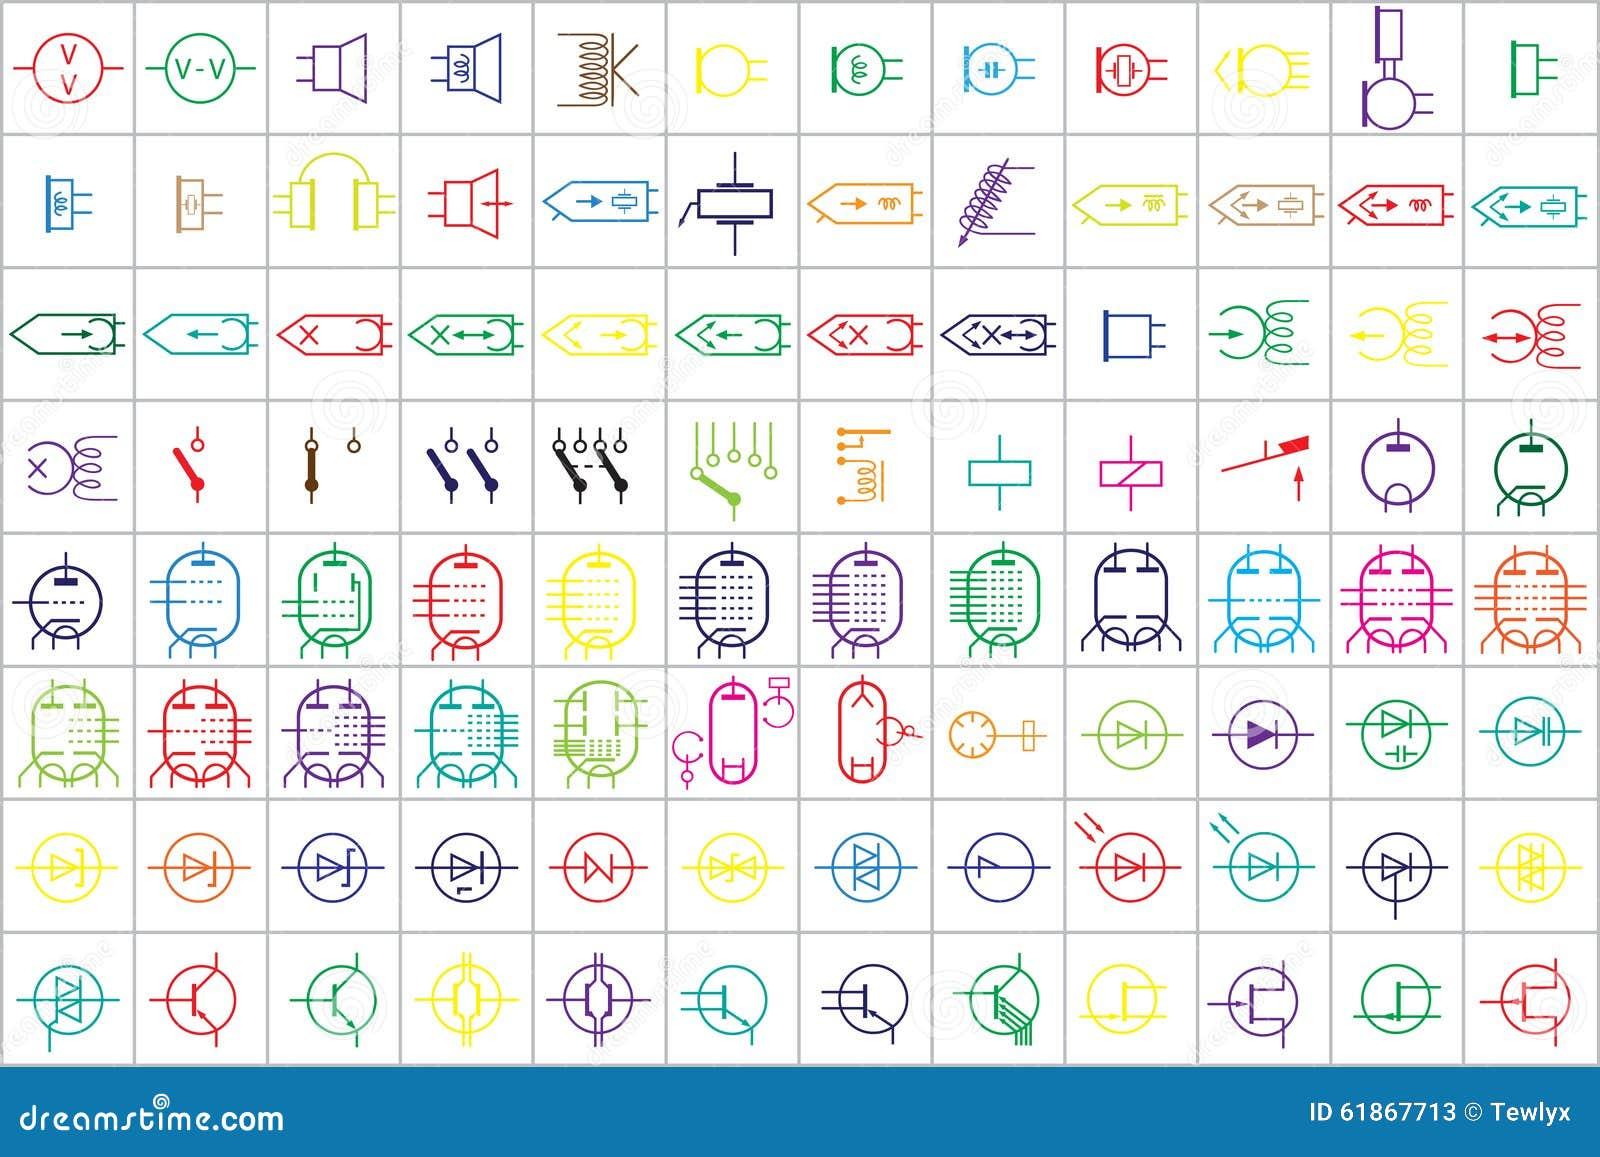 Schema Elettrico Simboli : Simboli elettronici ed elettrici v illustrazione vettoriale